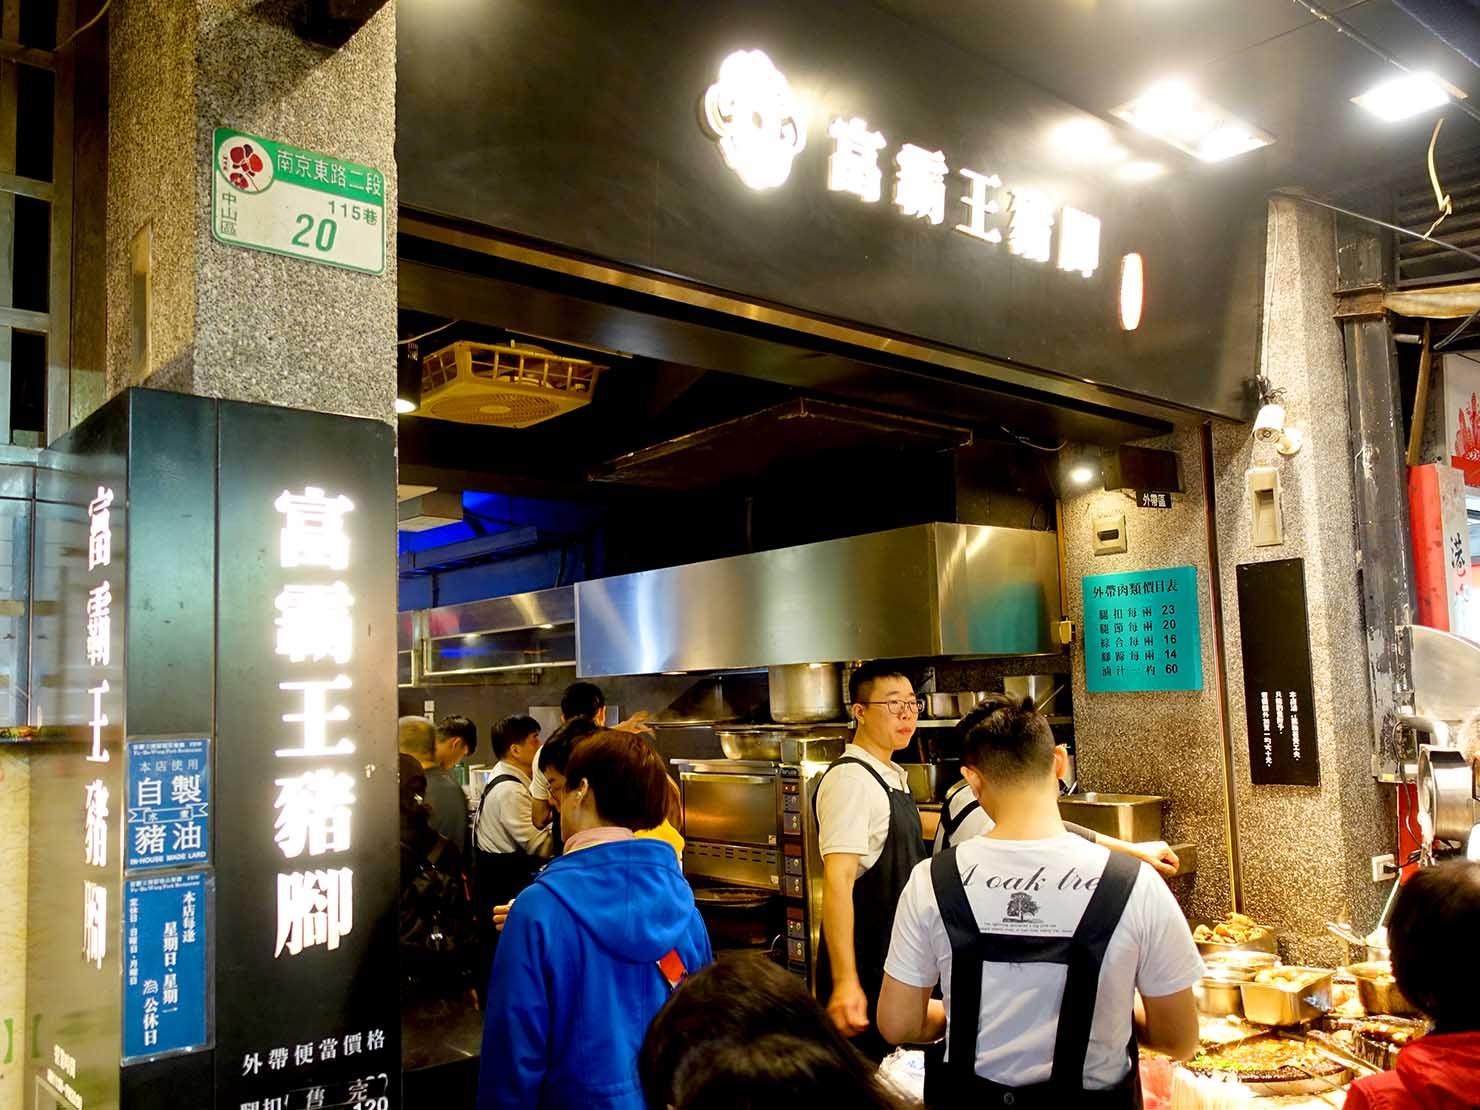 台北・松江南京駅(四平街商圈)周辺のおすすめグルメ店「富霸王豬腳」の外観